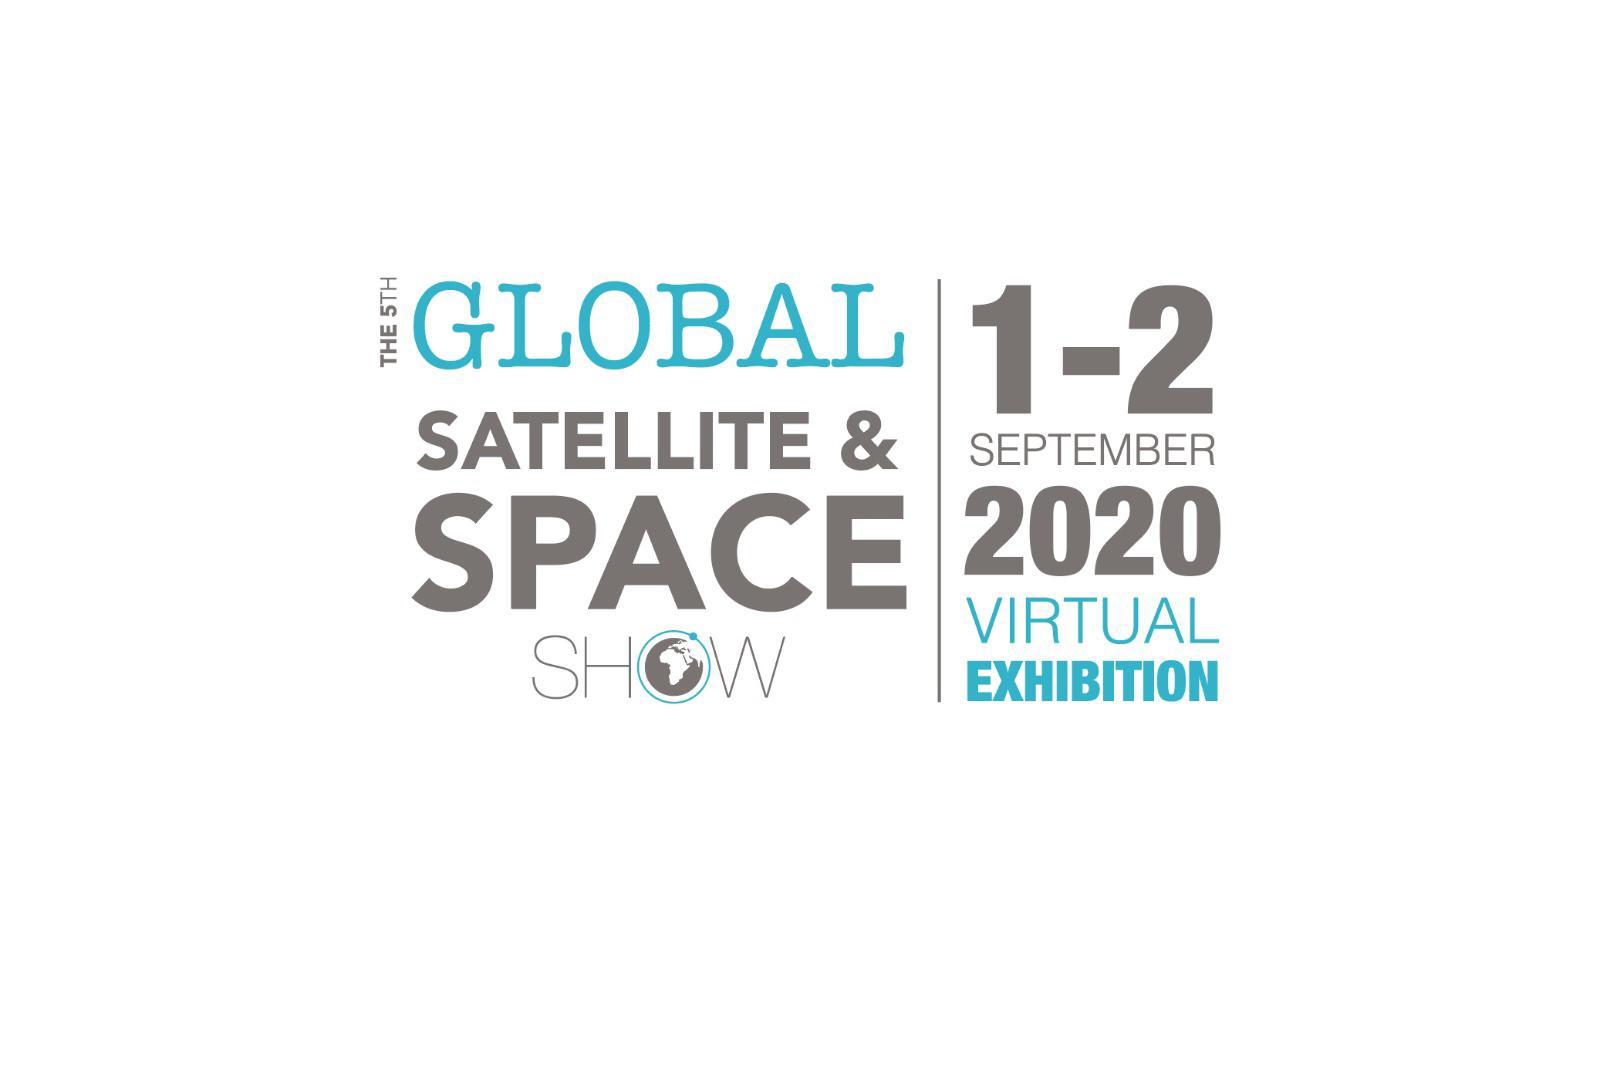 Uydu ve Uzay Ekosistemi 1-2 Eylül'de Global Sat Show'da Buluşacak